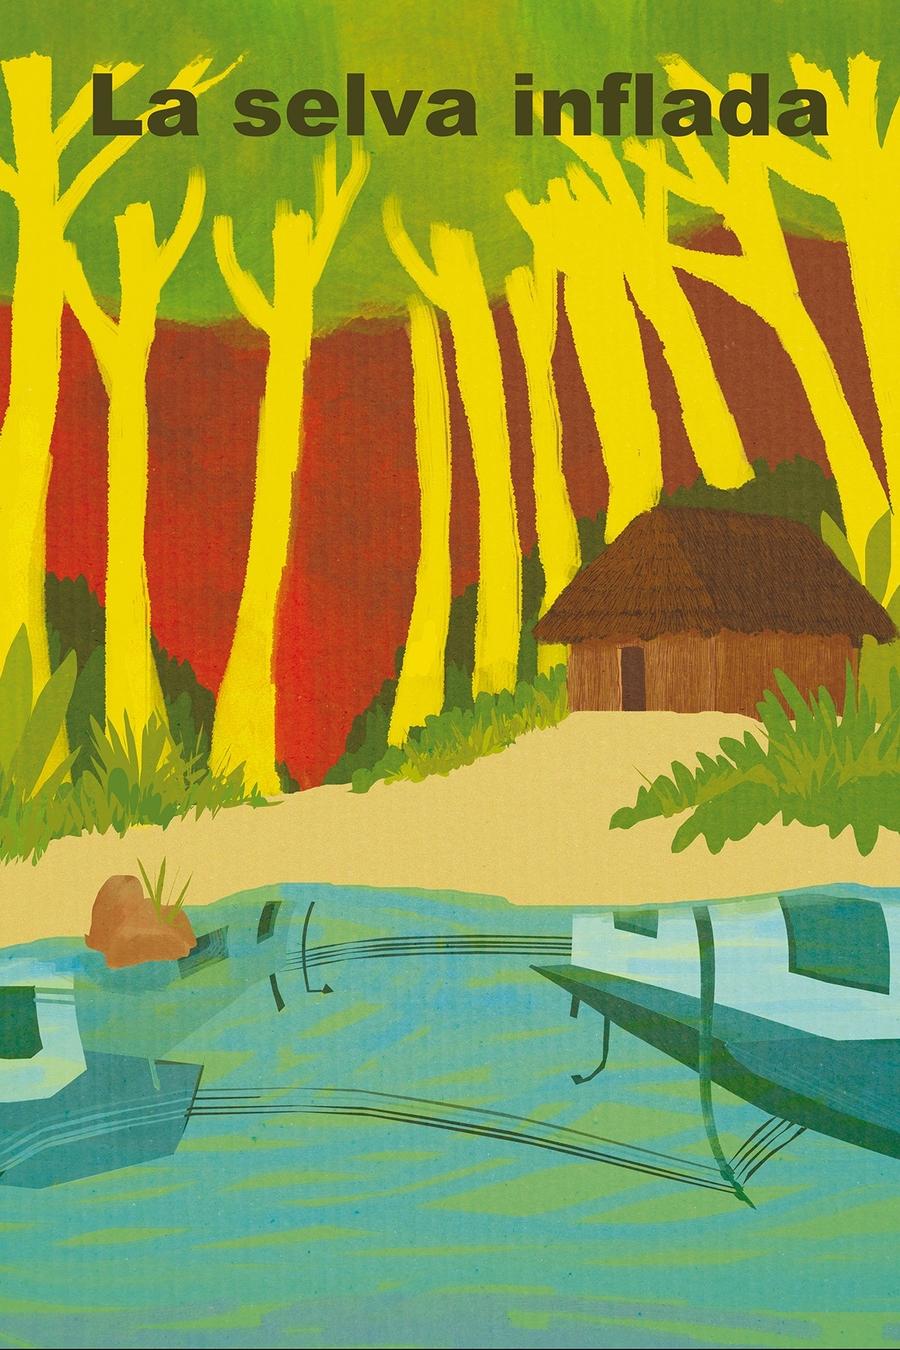 La selva inflada